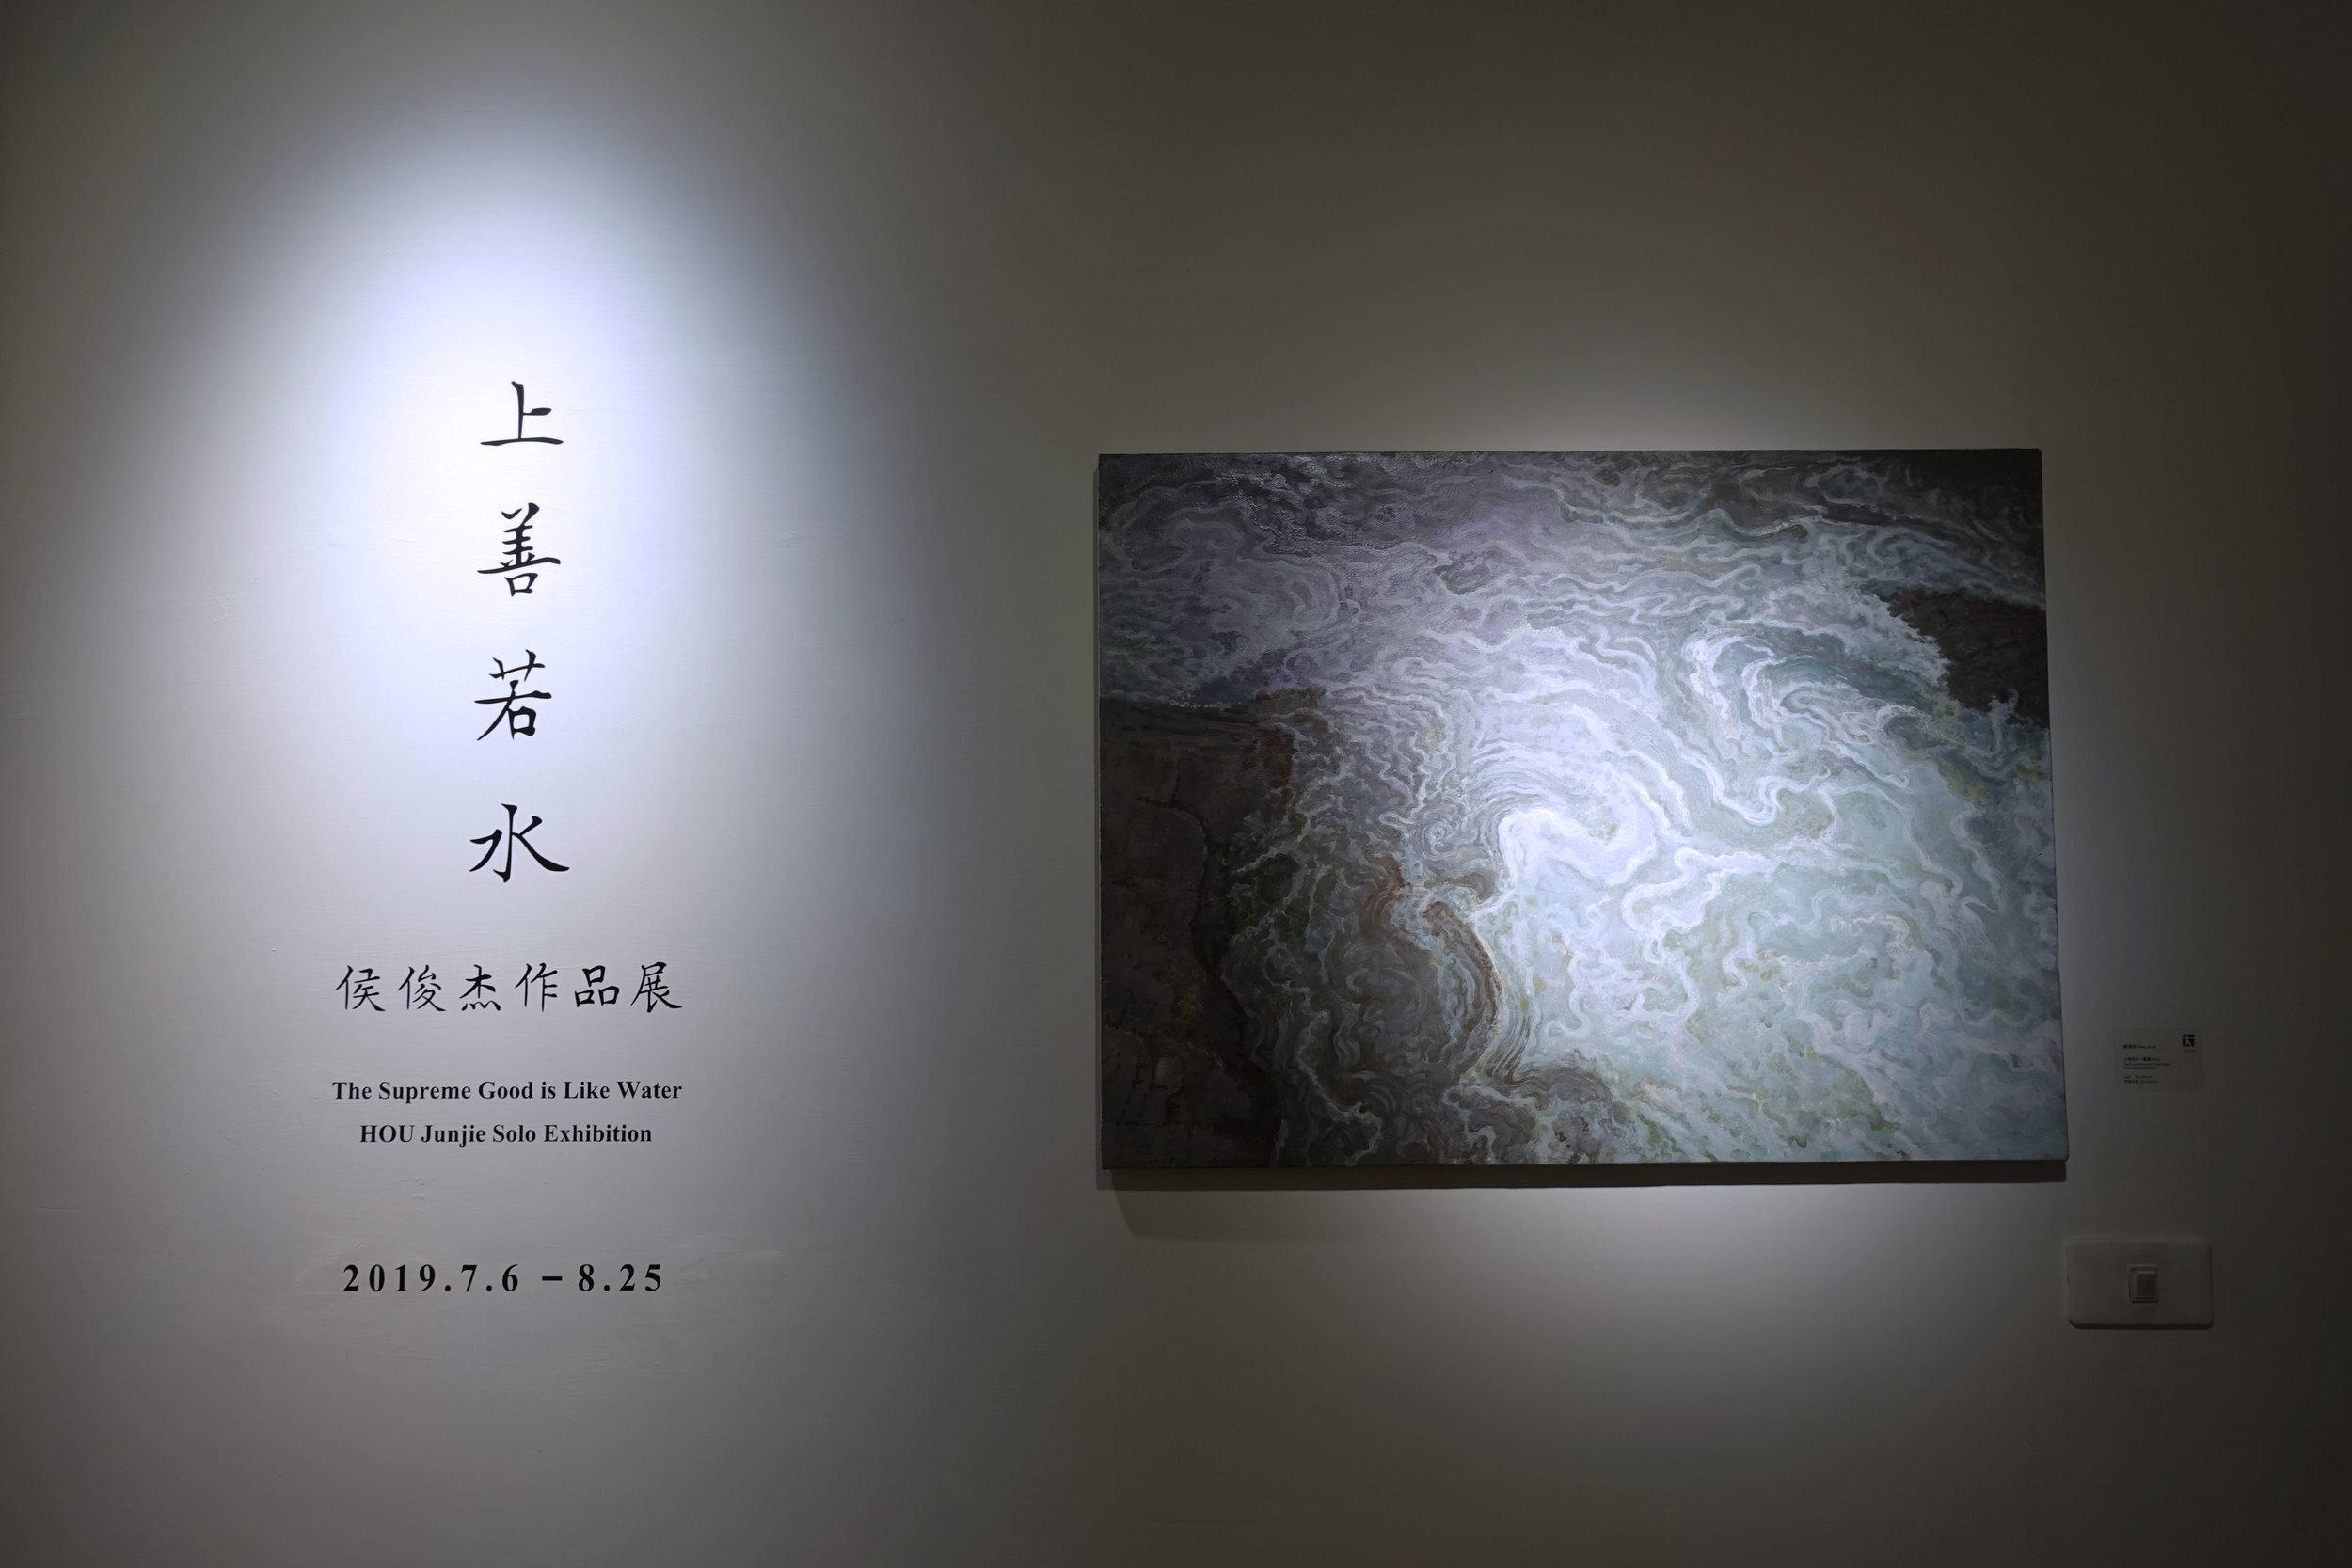 上善若水-侯俊杰個展1.JPG